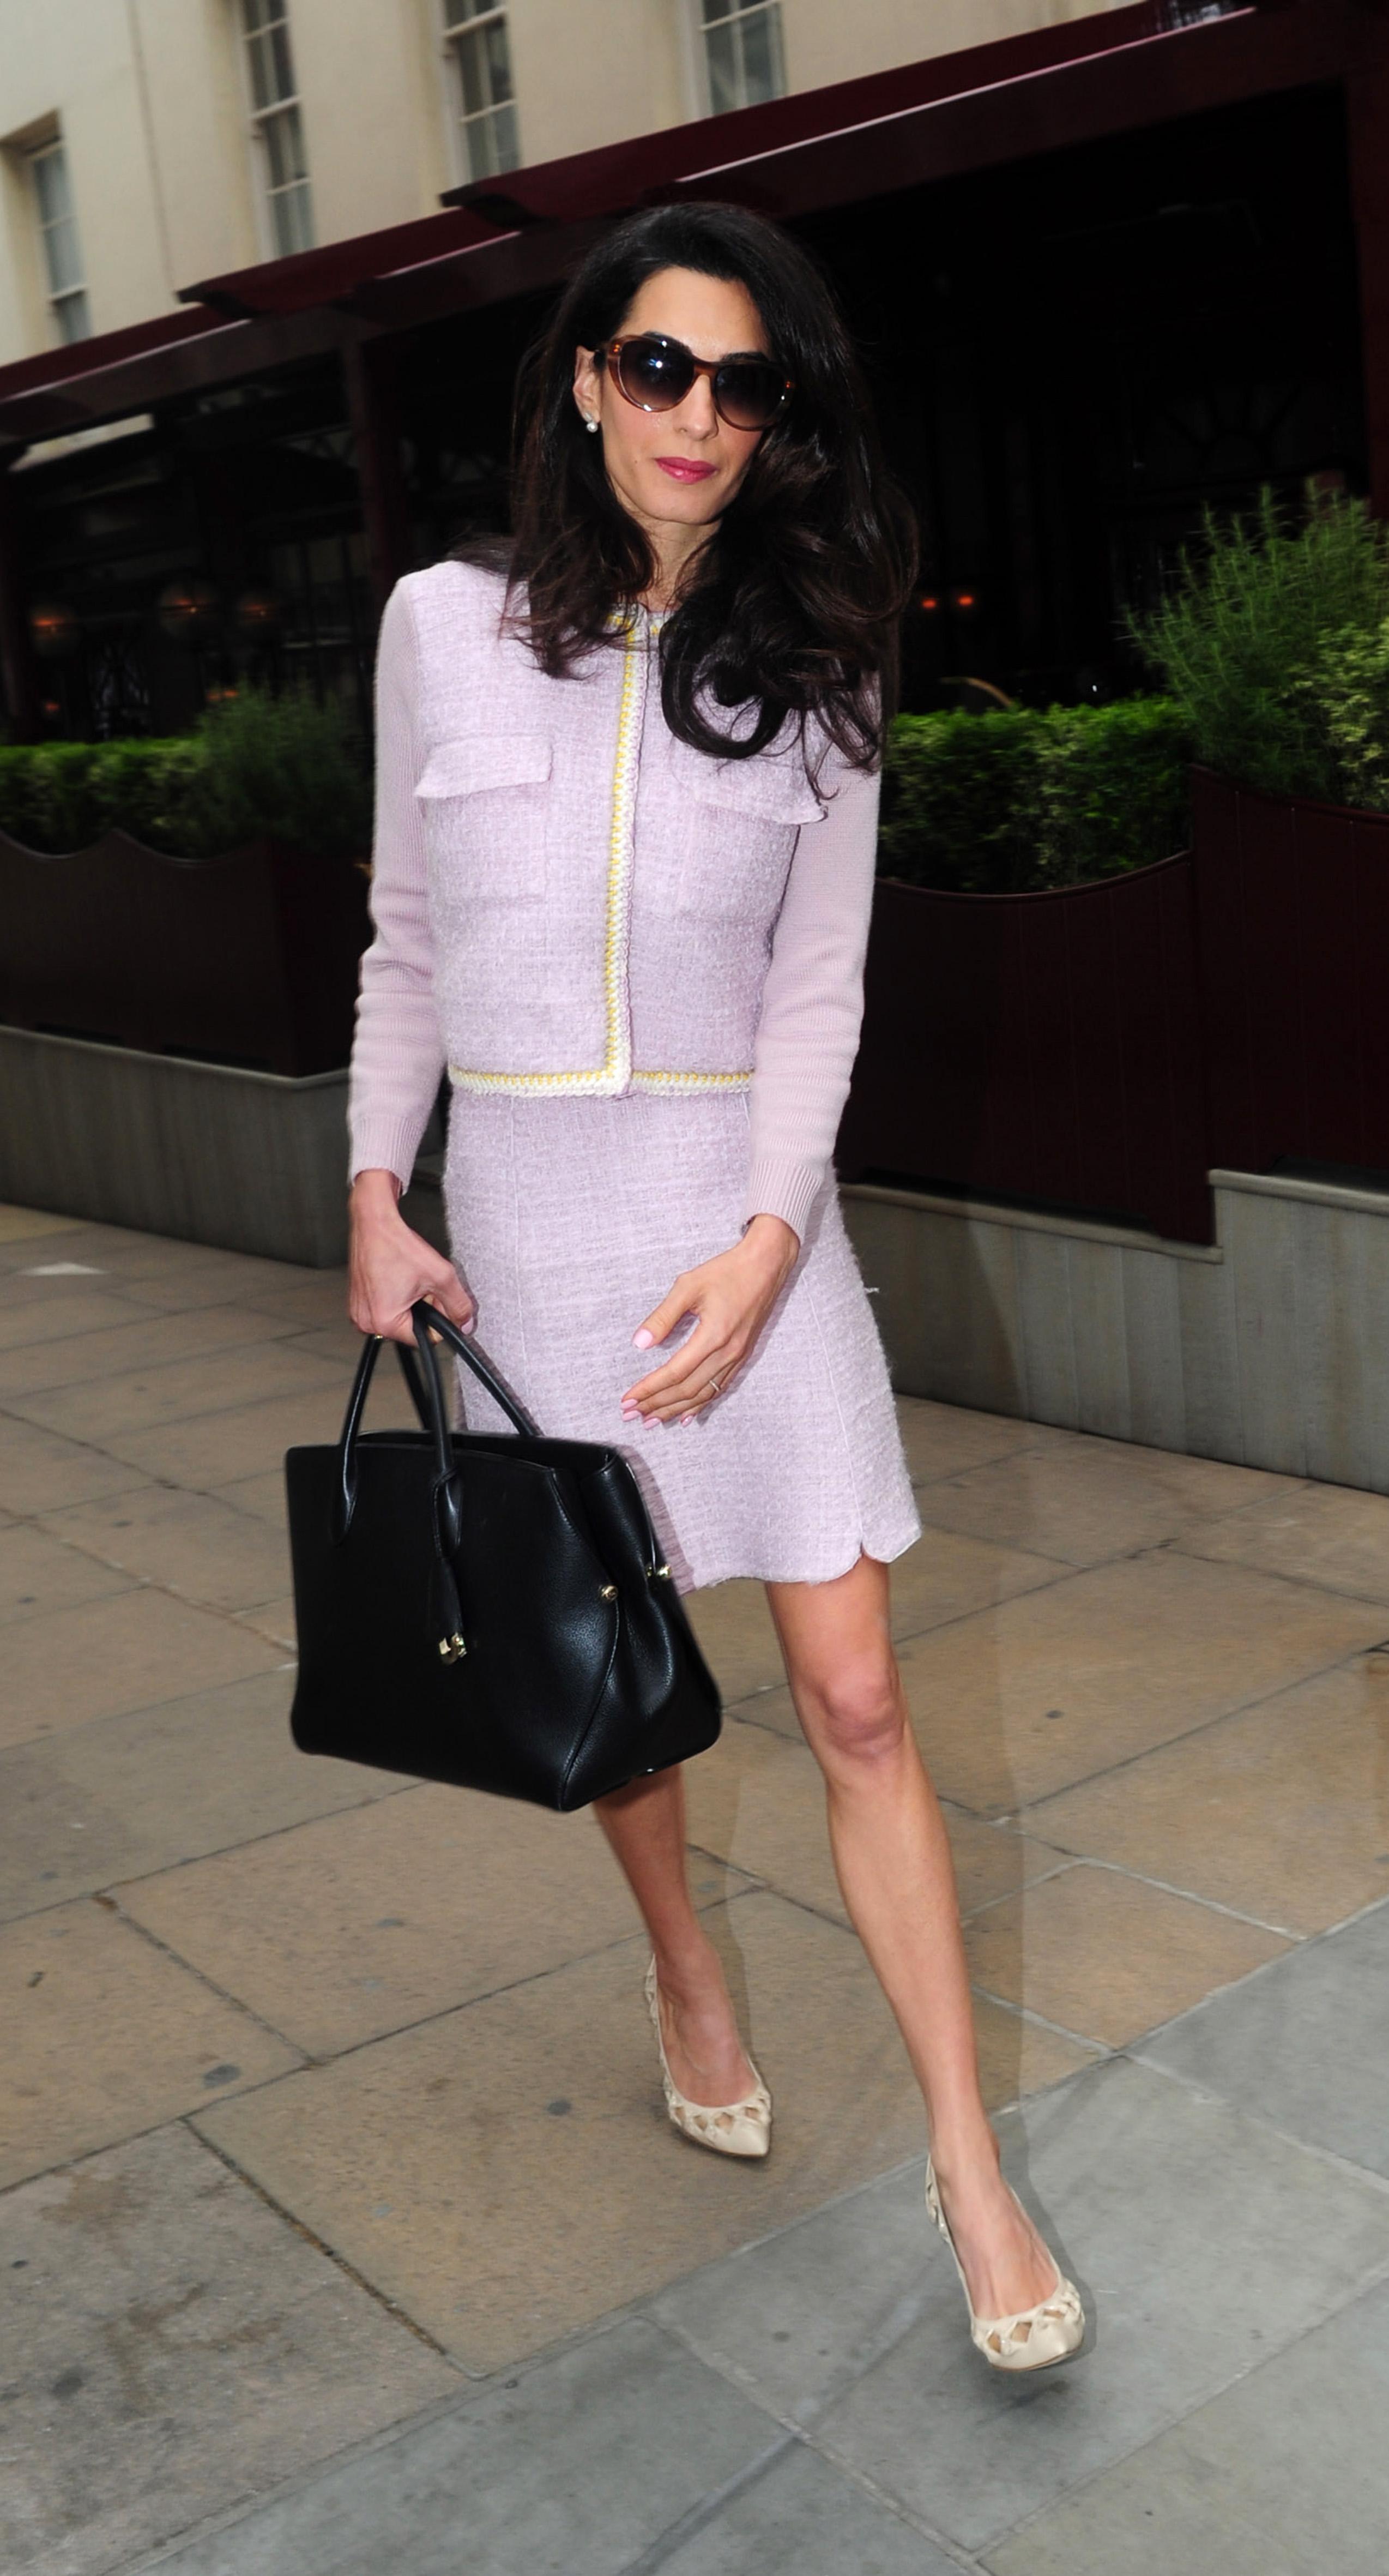 Le tailleur Chanel - Les plus beaux looks d Amal Clooney - Elle 390732f2498